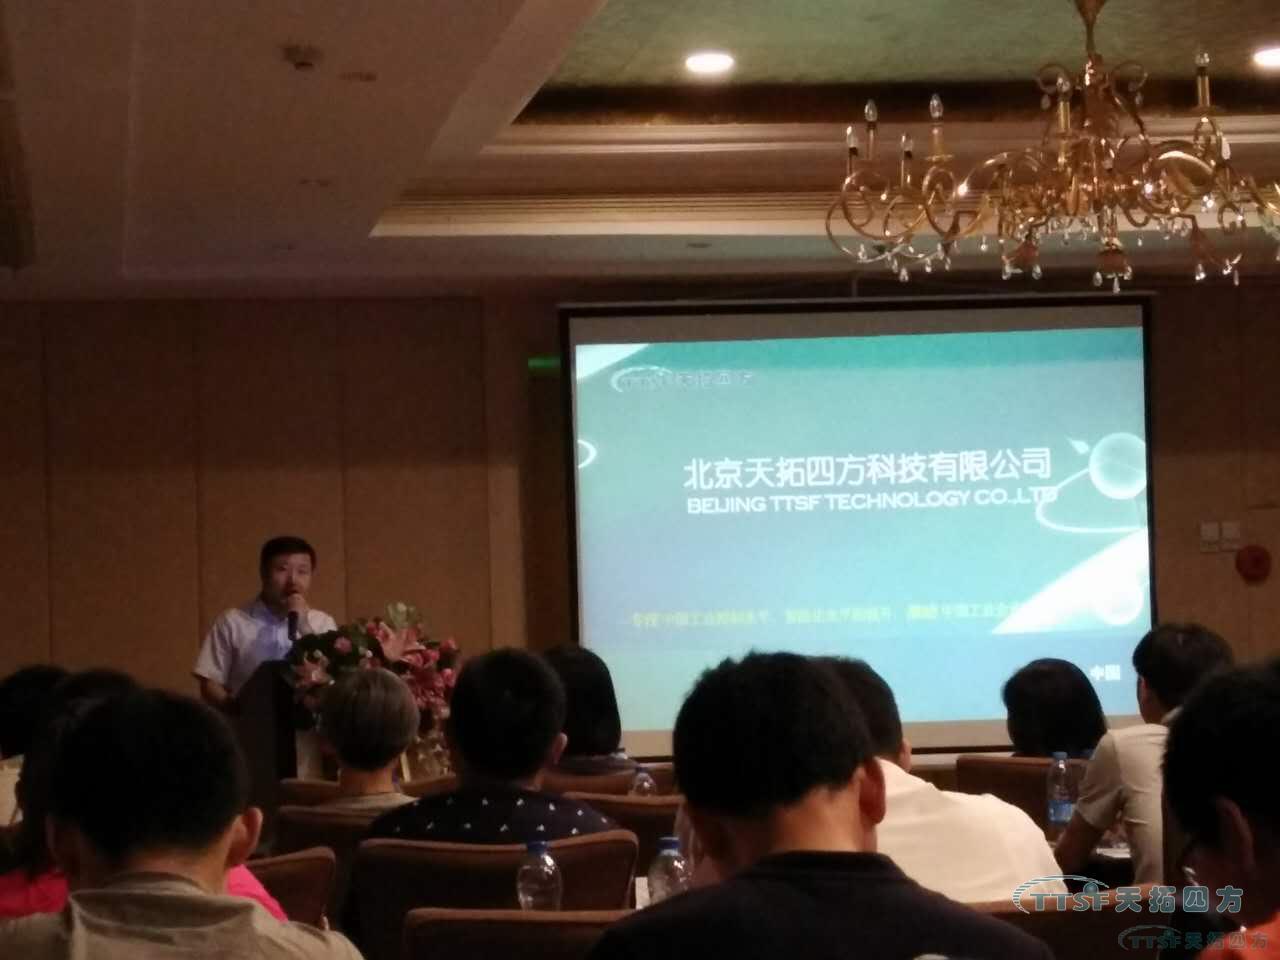 天津站-TTSF&SIEMENS 助力数字化工厂智能制造研讨会圆满结束